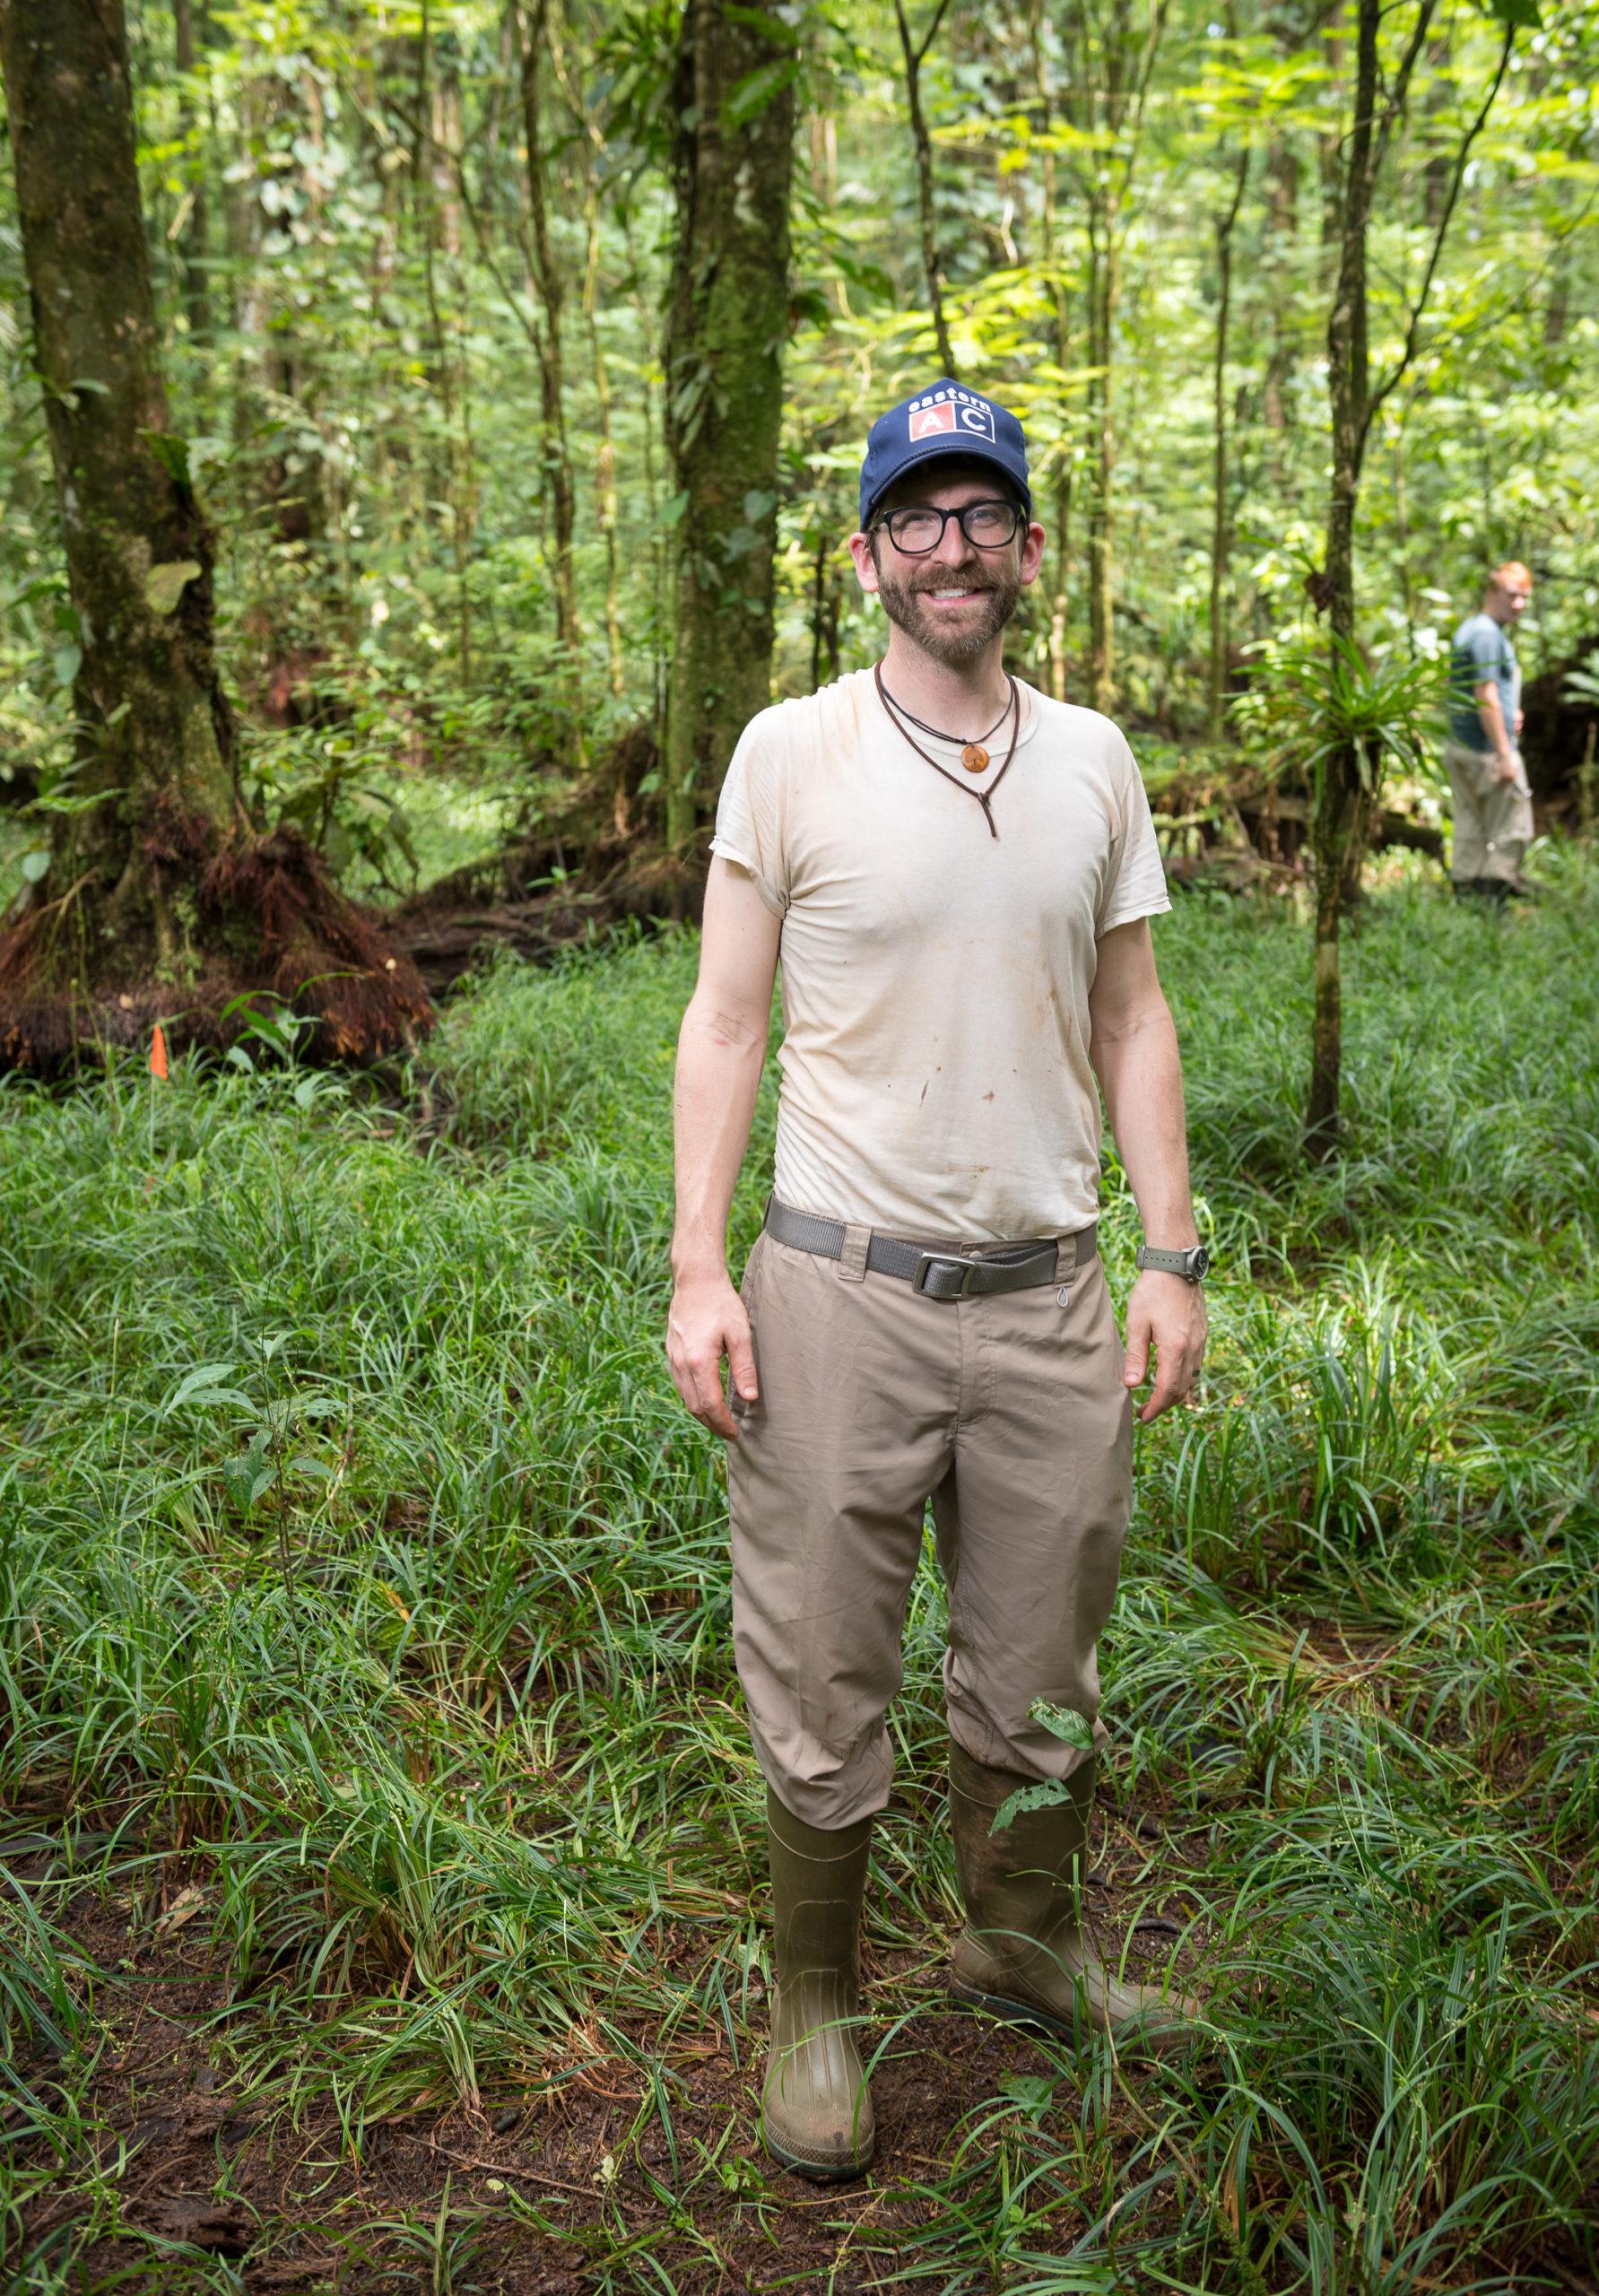 Ben Taylor at La Selva Biological Station in Costa Rica